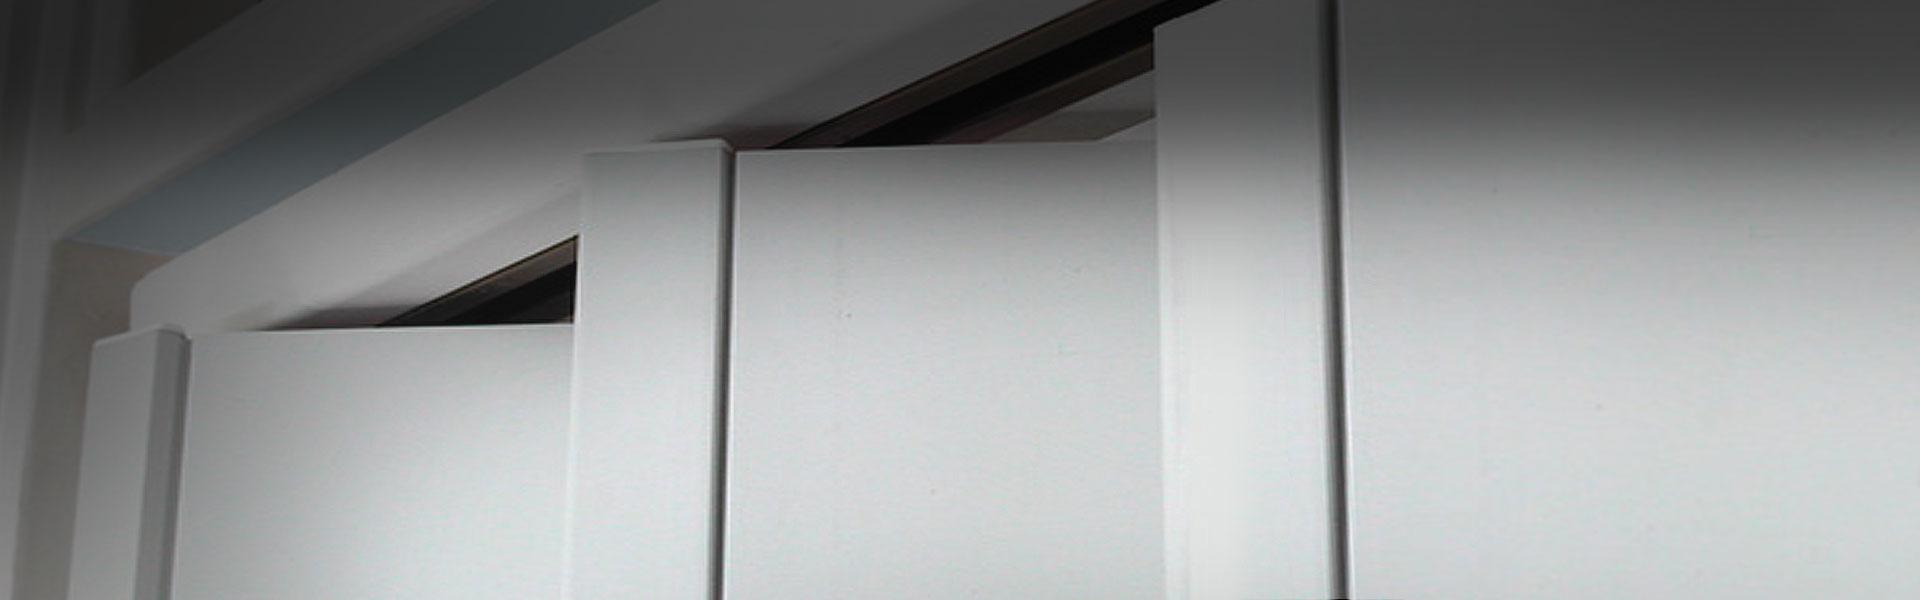 http://www.stin.cz/uploads//images/horni-banner/shrnovaci-dvere.jpg